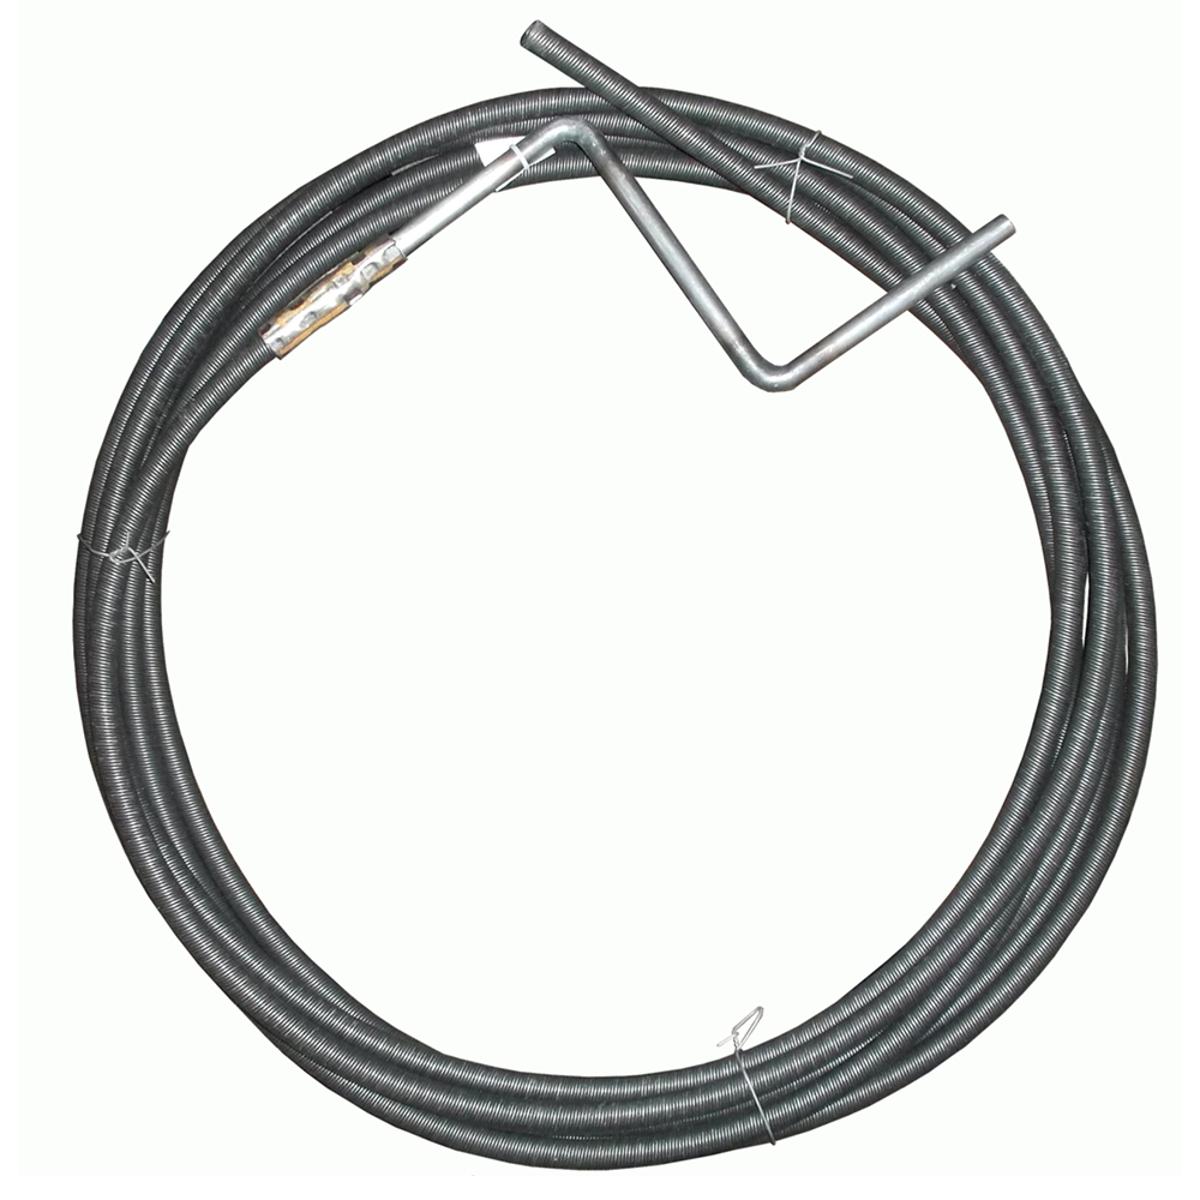 Трос для прочистки канализационных труб МастерПроф, толщина 9 мм, длина 2,5 м